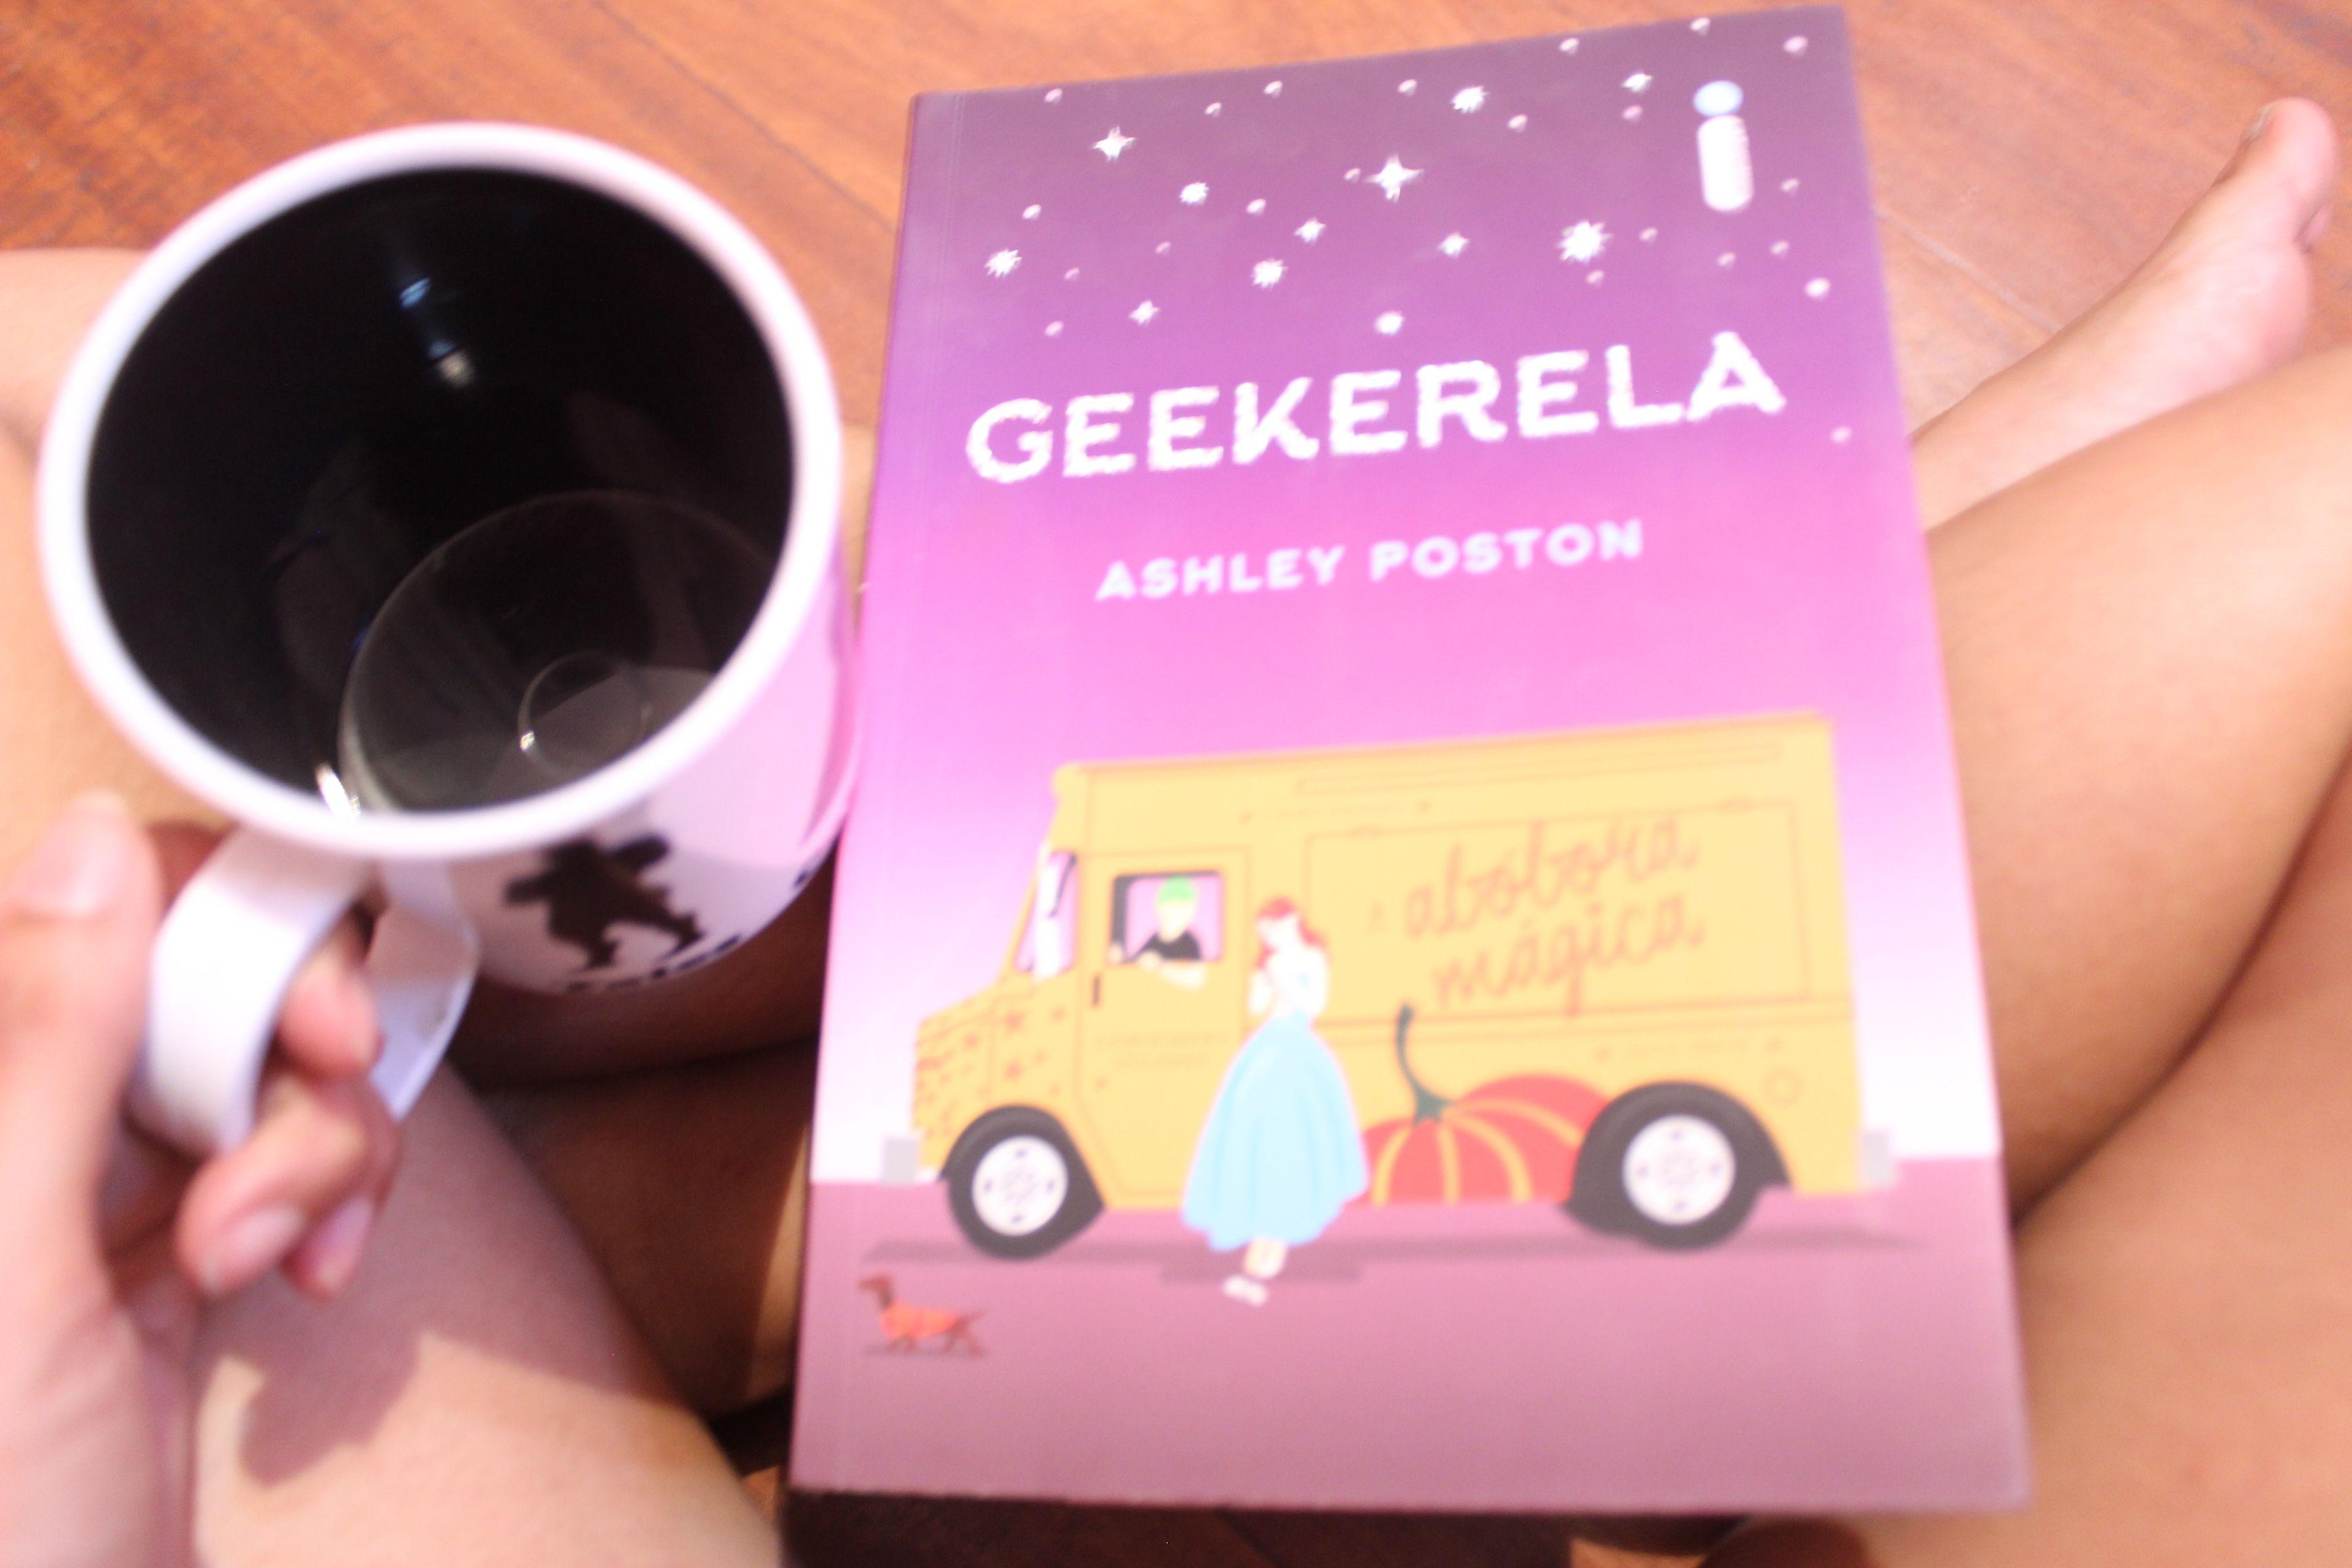 Geekerela Ashley Poston Mundo Dos Livros Livros Para Ler E Livros